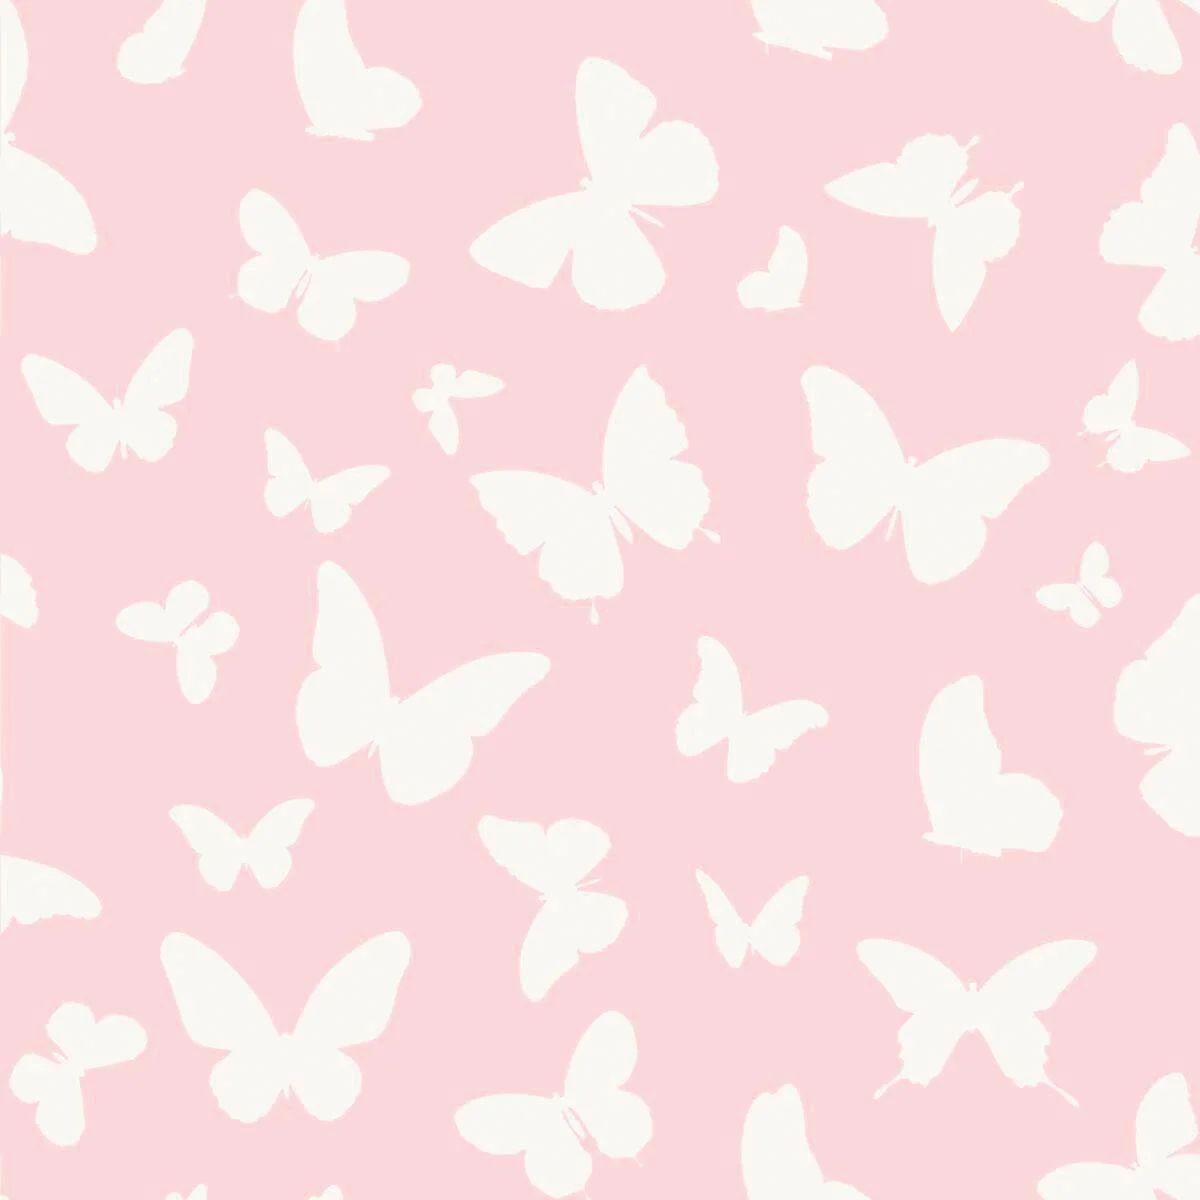 Vedi anche l'intera collezione delle carte da parati floreale con motivi in voga dai colori differenti. Carta Da Parati Farfalle Rosa 53 Cm X 10 05 M Leroy Merlin